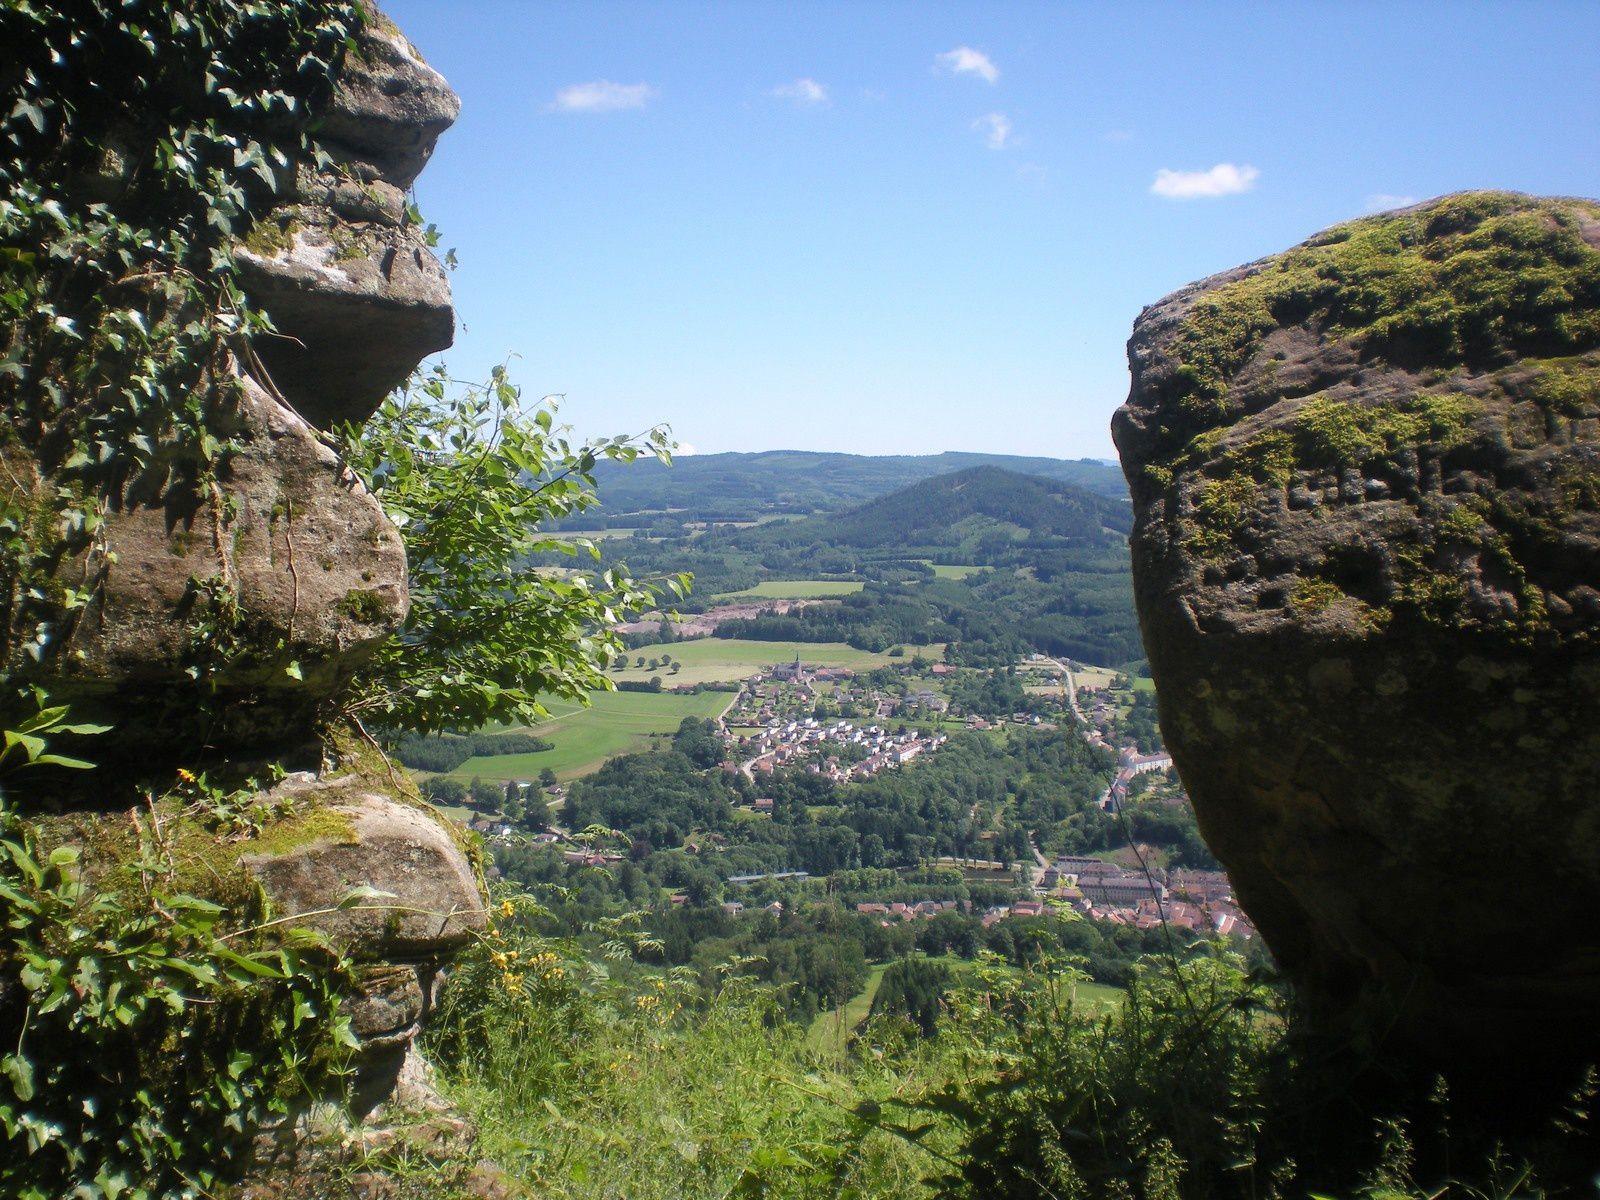 Mercredi 29 juin - Randonnée vers Senones et Celles-sur-Plaine